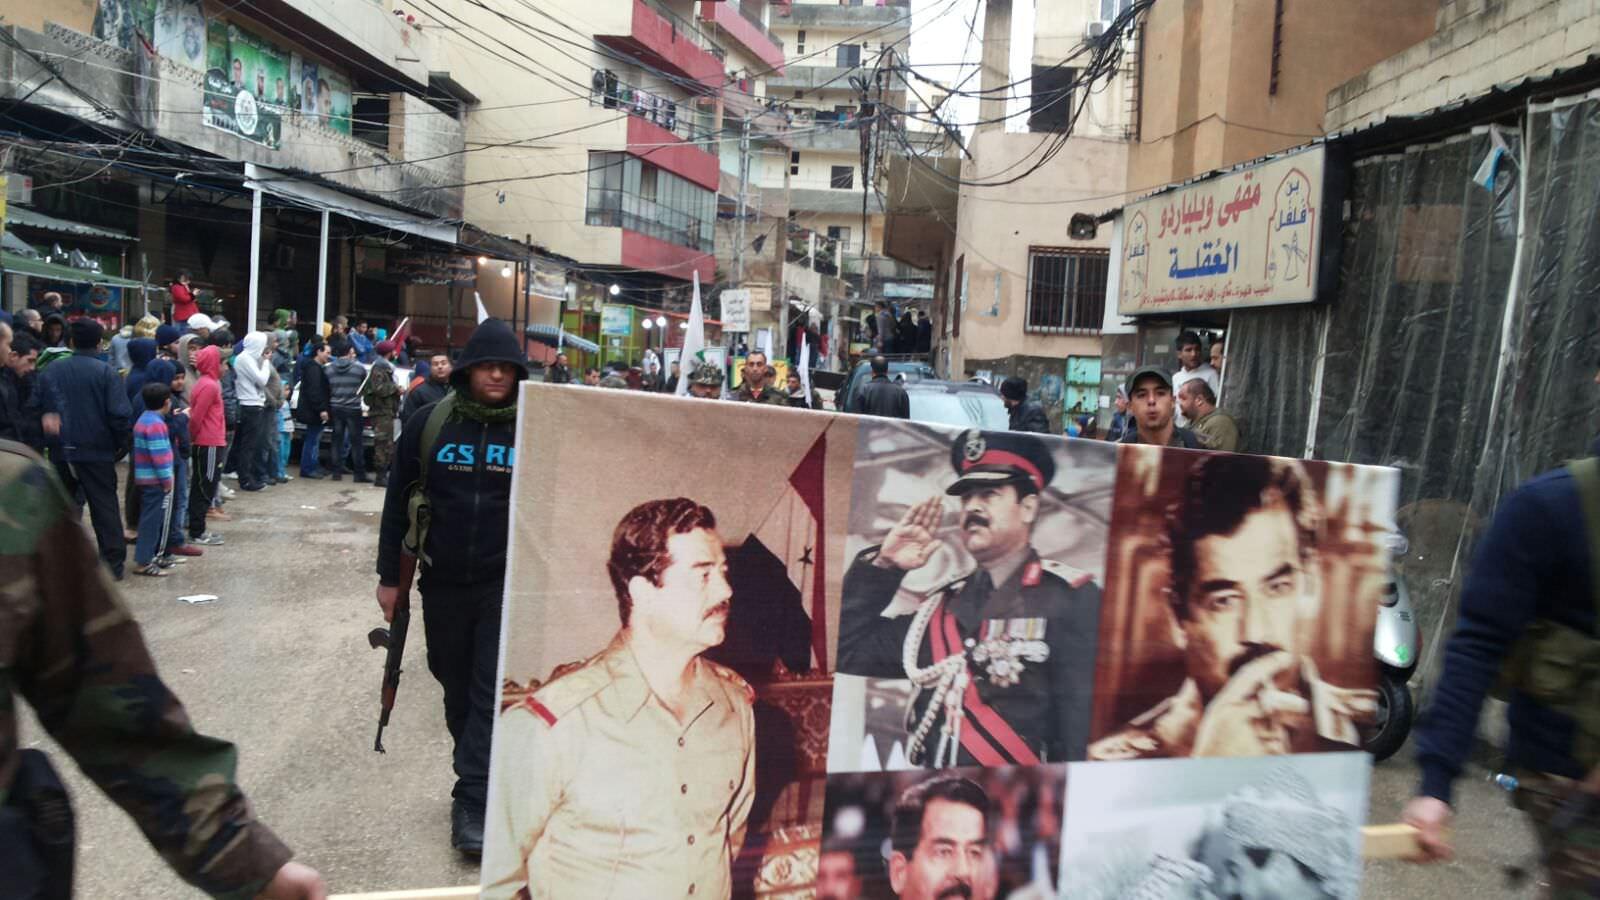 صور من احياء الذكرى التاسعة لاستشهاد القائد صدام حسين في البداوي